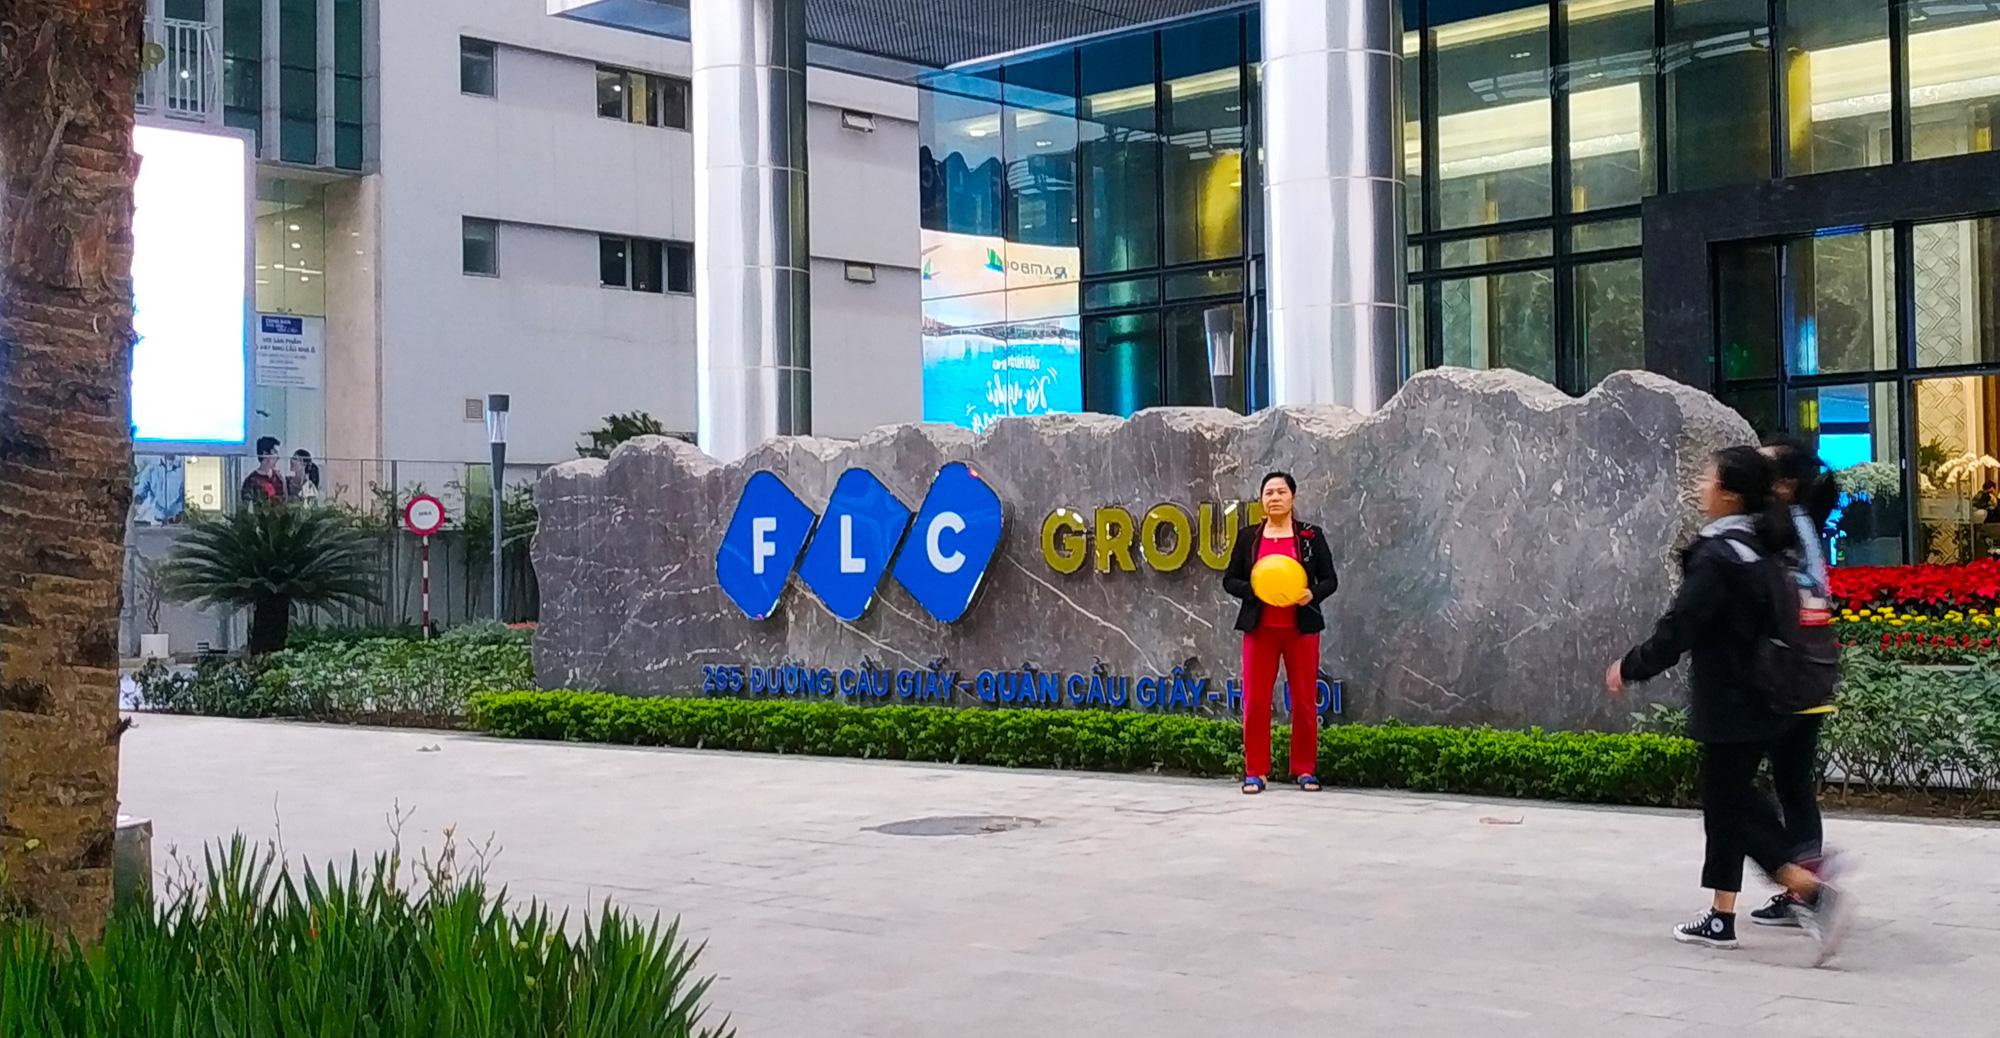 Tập đoàn FLC và GAB sắp hợp tác làm dự án 332 tỉ đồng ở Bình Định - Ảnh 1.